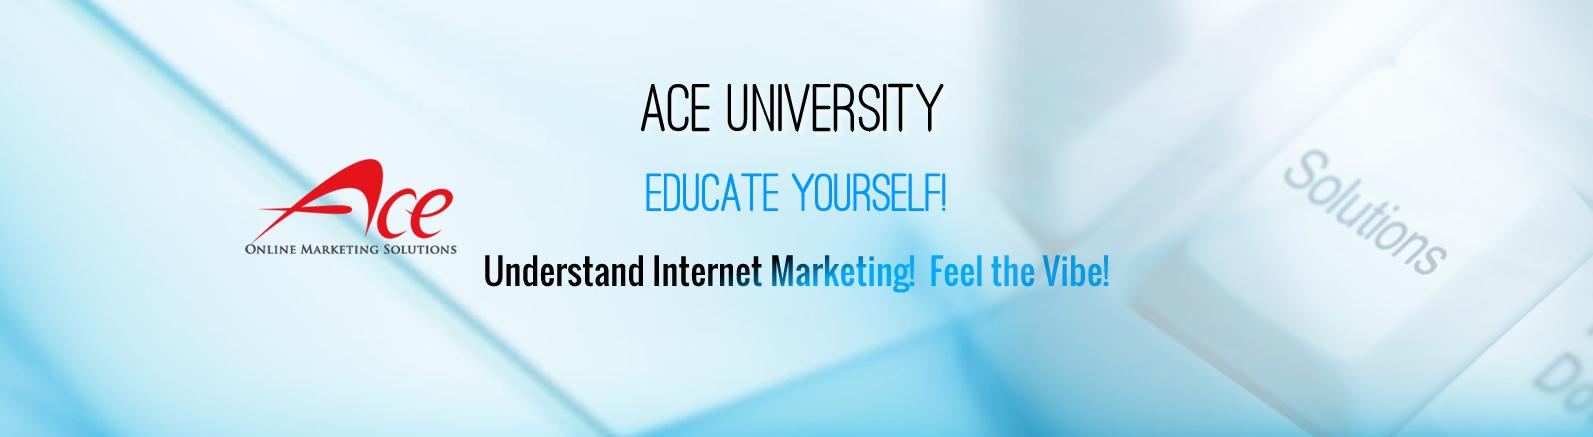 ace_university1